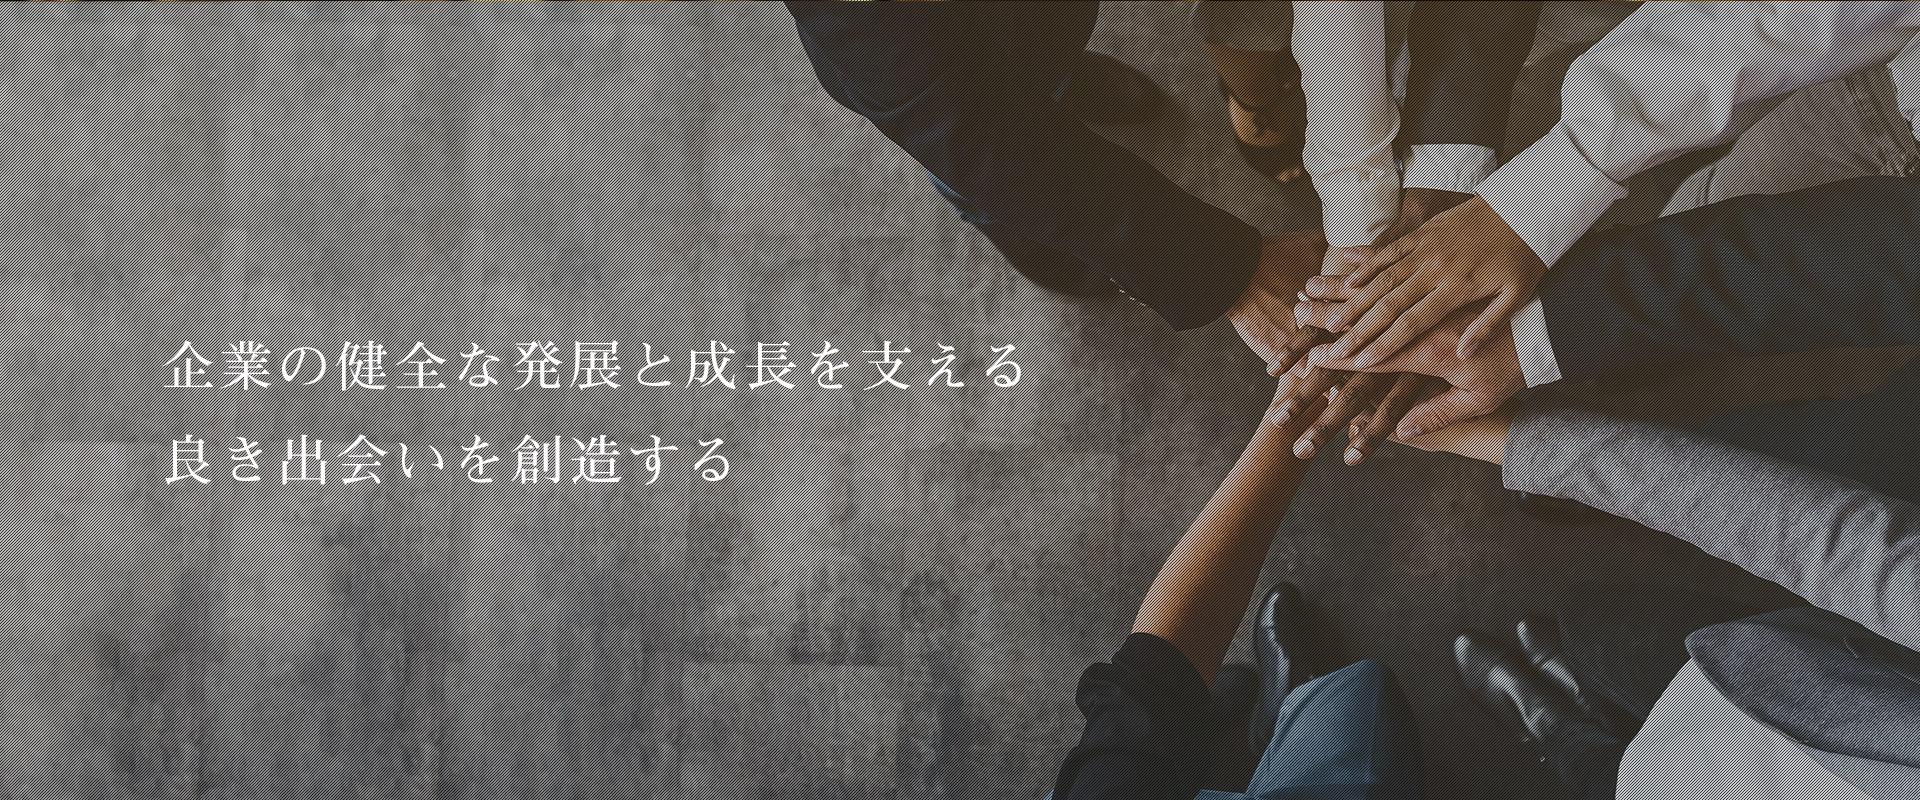 企業の健全な発展と成長を支える 良き出会いを創造する